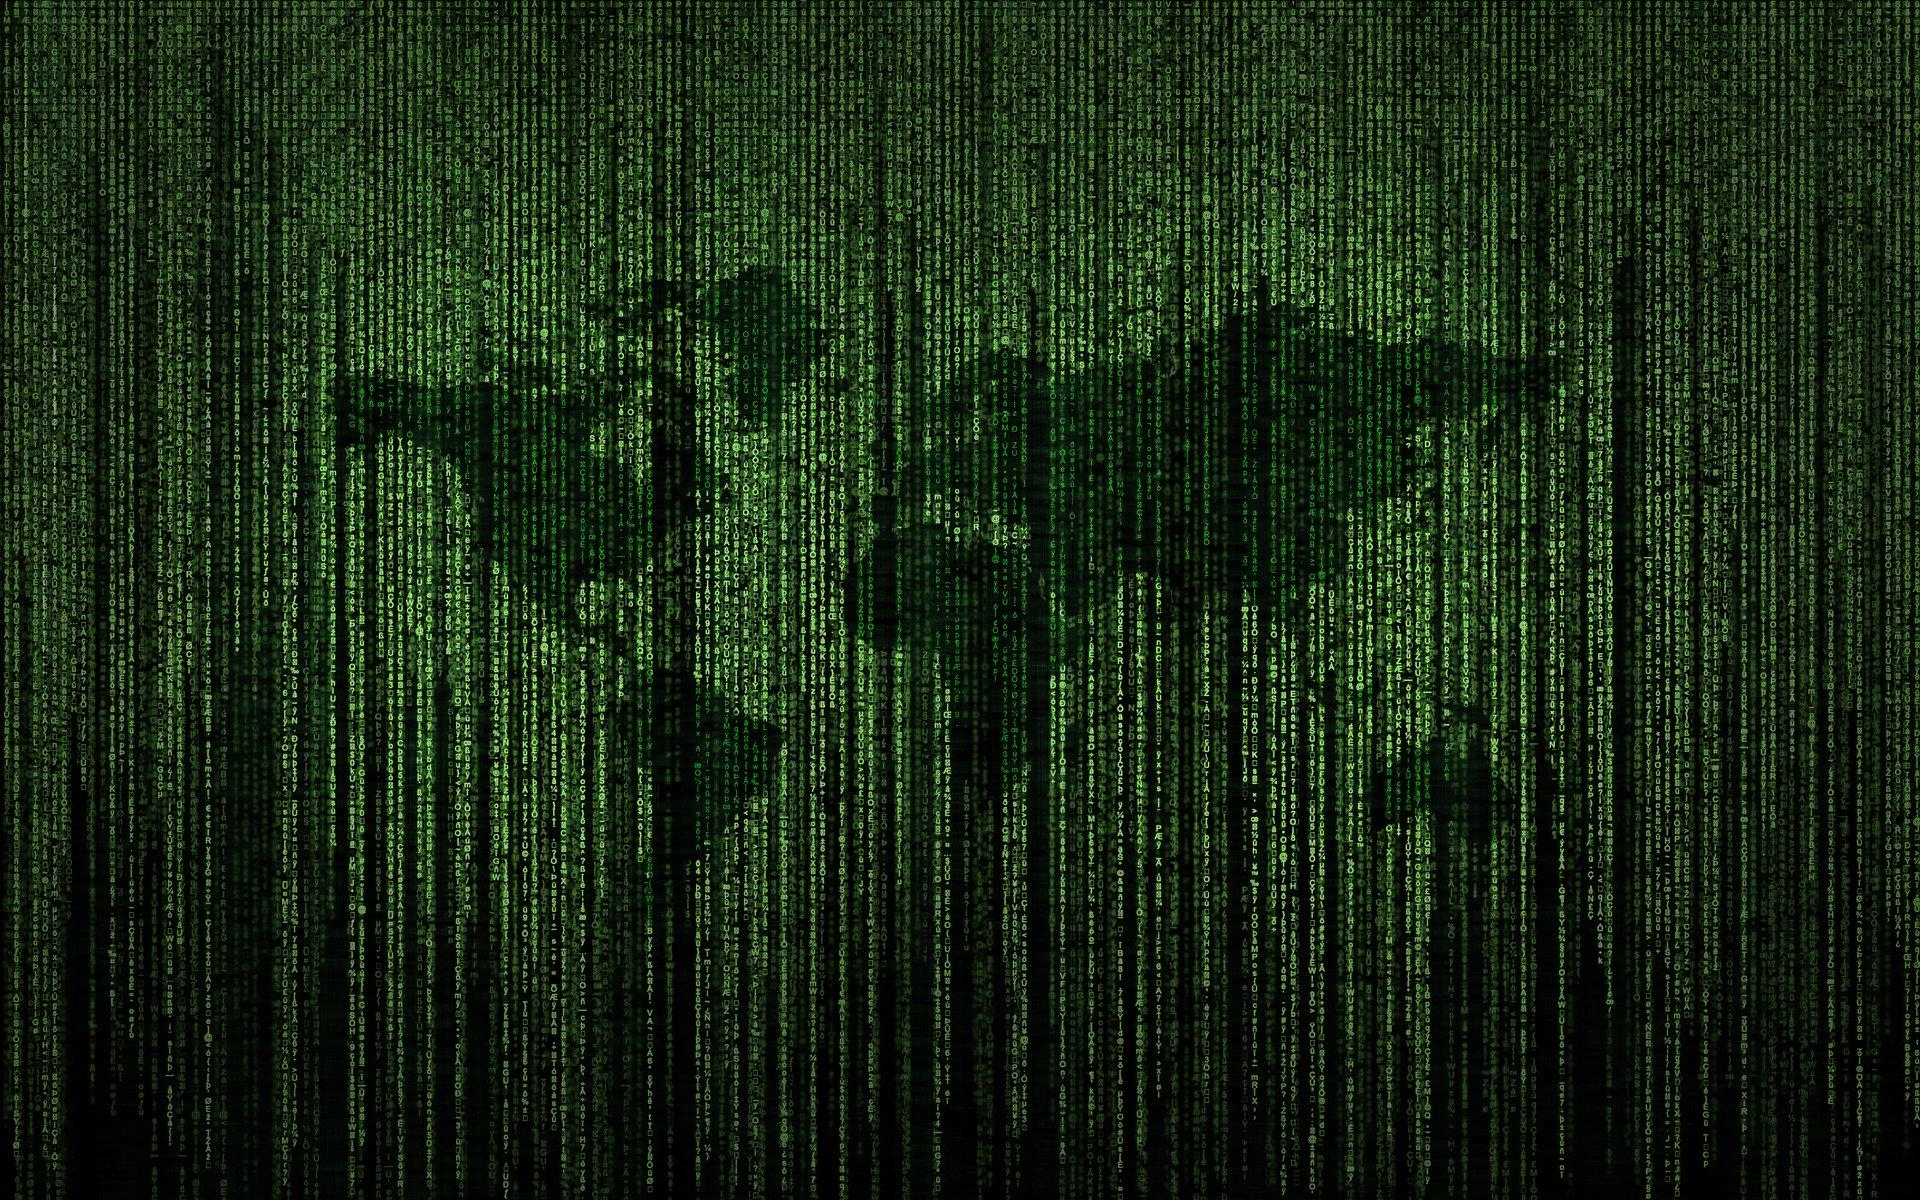 DALL'AUTORITA' PER LA PROTEZIONE DEI DATI EDPS: I Requisiti Di Protezione Dei Dati Devono Andare Di Pari Passo Con La Prevenzione Del Riciclaggio Di Denaro E Del Finanziamento Del Terrorismo